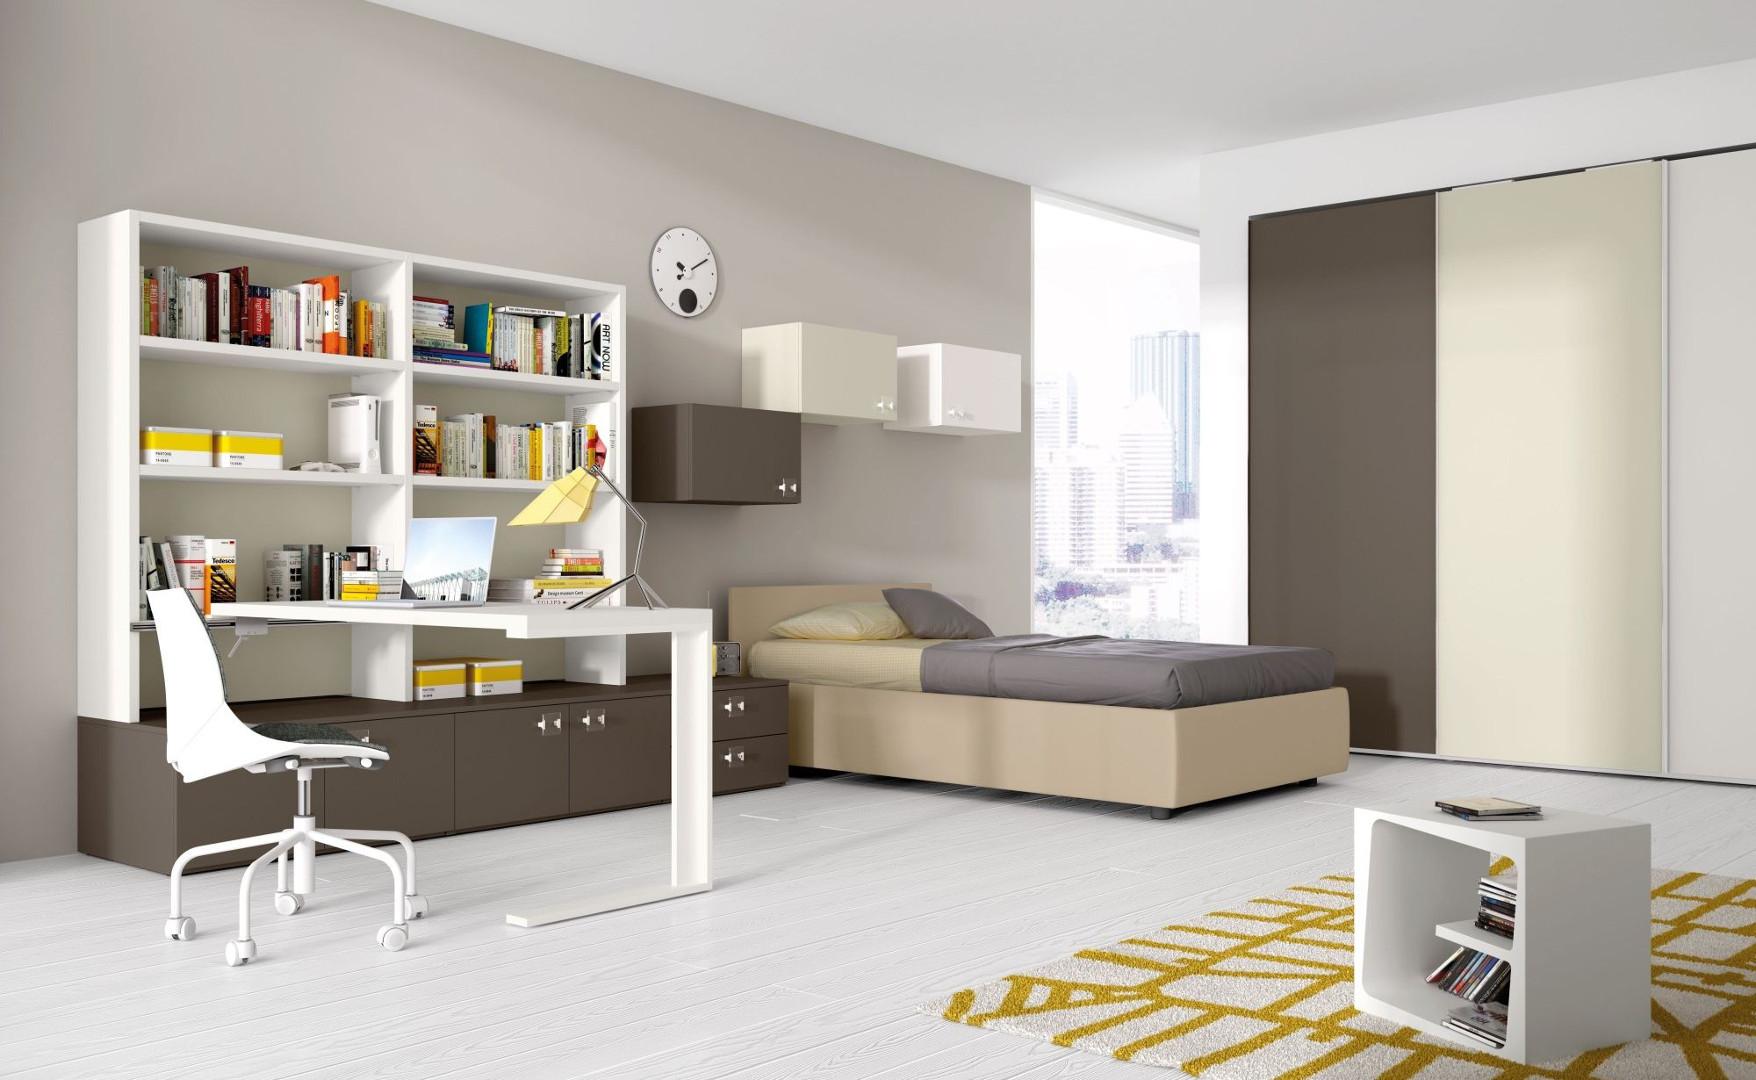 Cameretta spaziosa grigia per un ragazzo - Camera da letto singola moderna ...